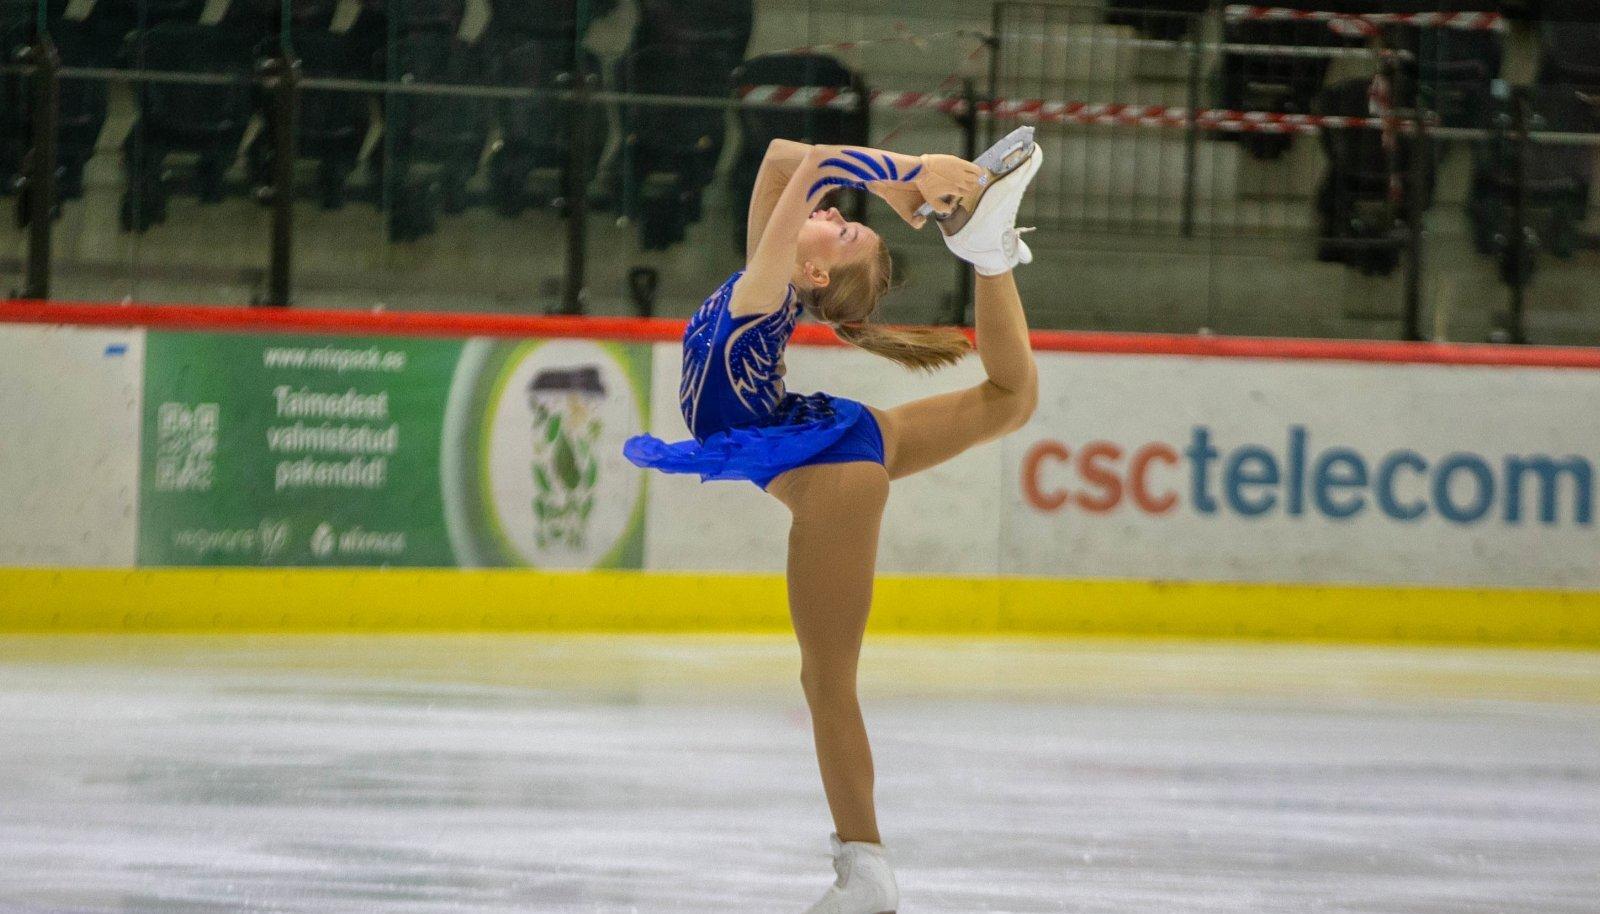 Eva-Lotta Kiibus